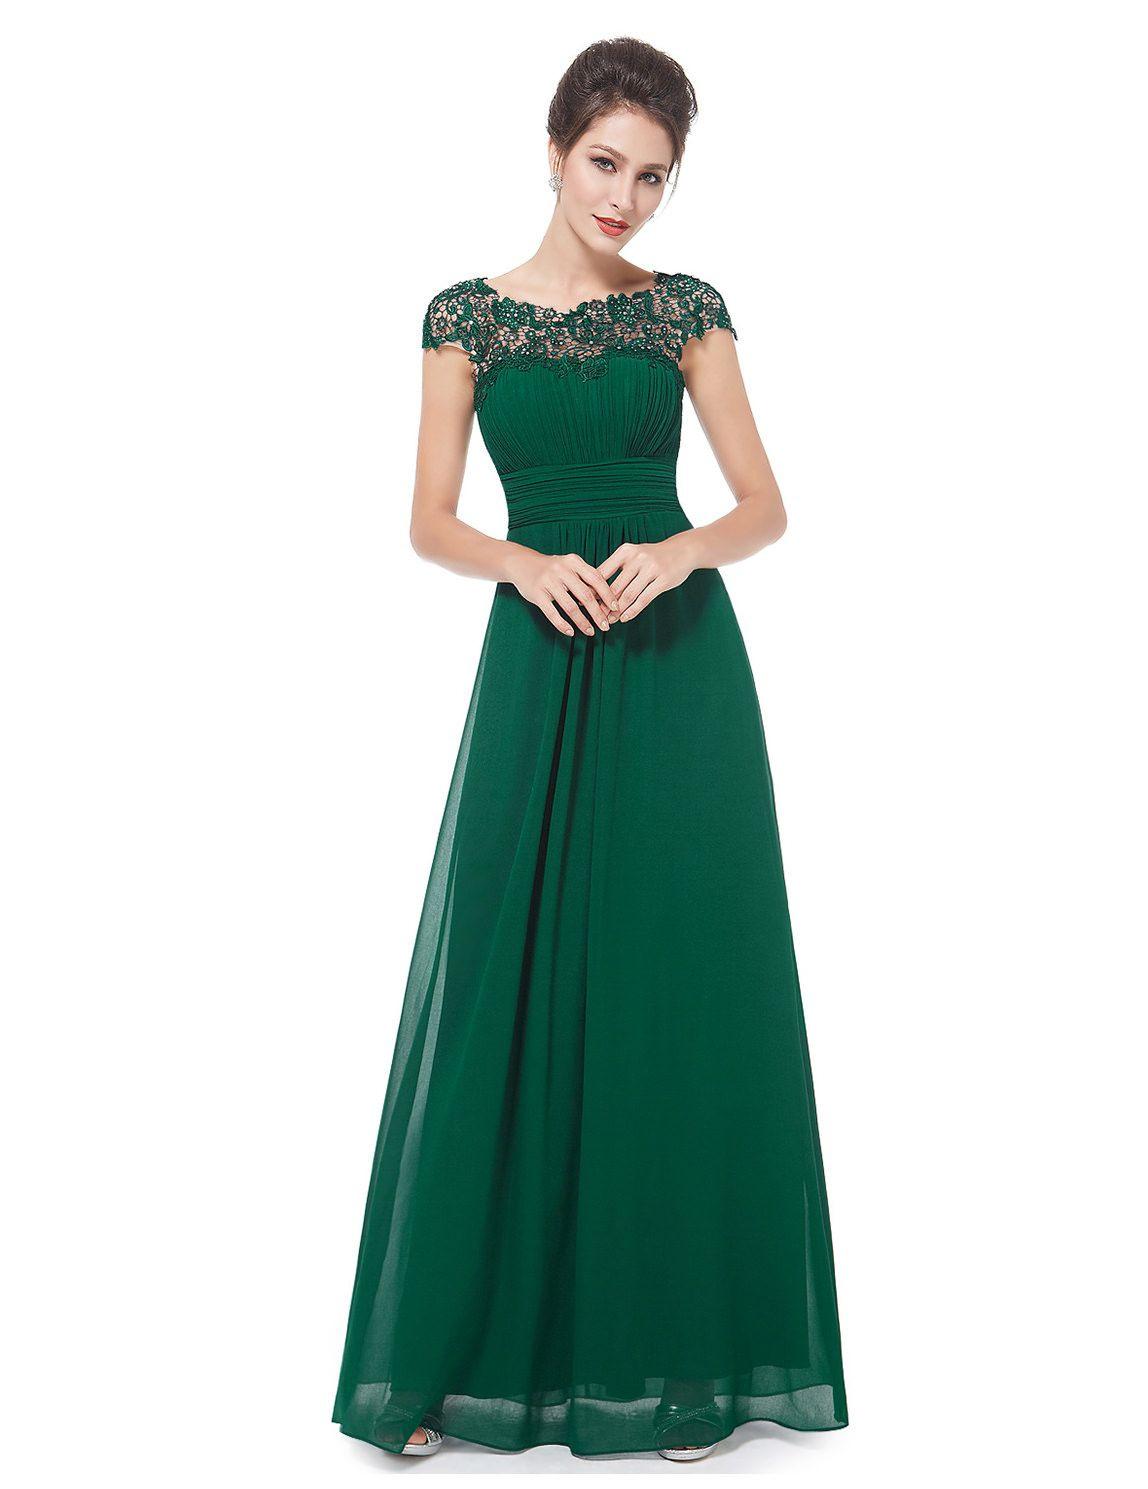 Schön Abendkleid In Grün Design20 Perfekt Abendkleid In Grün Stylish